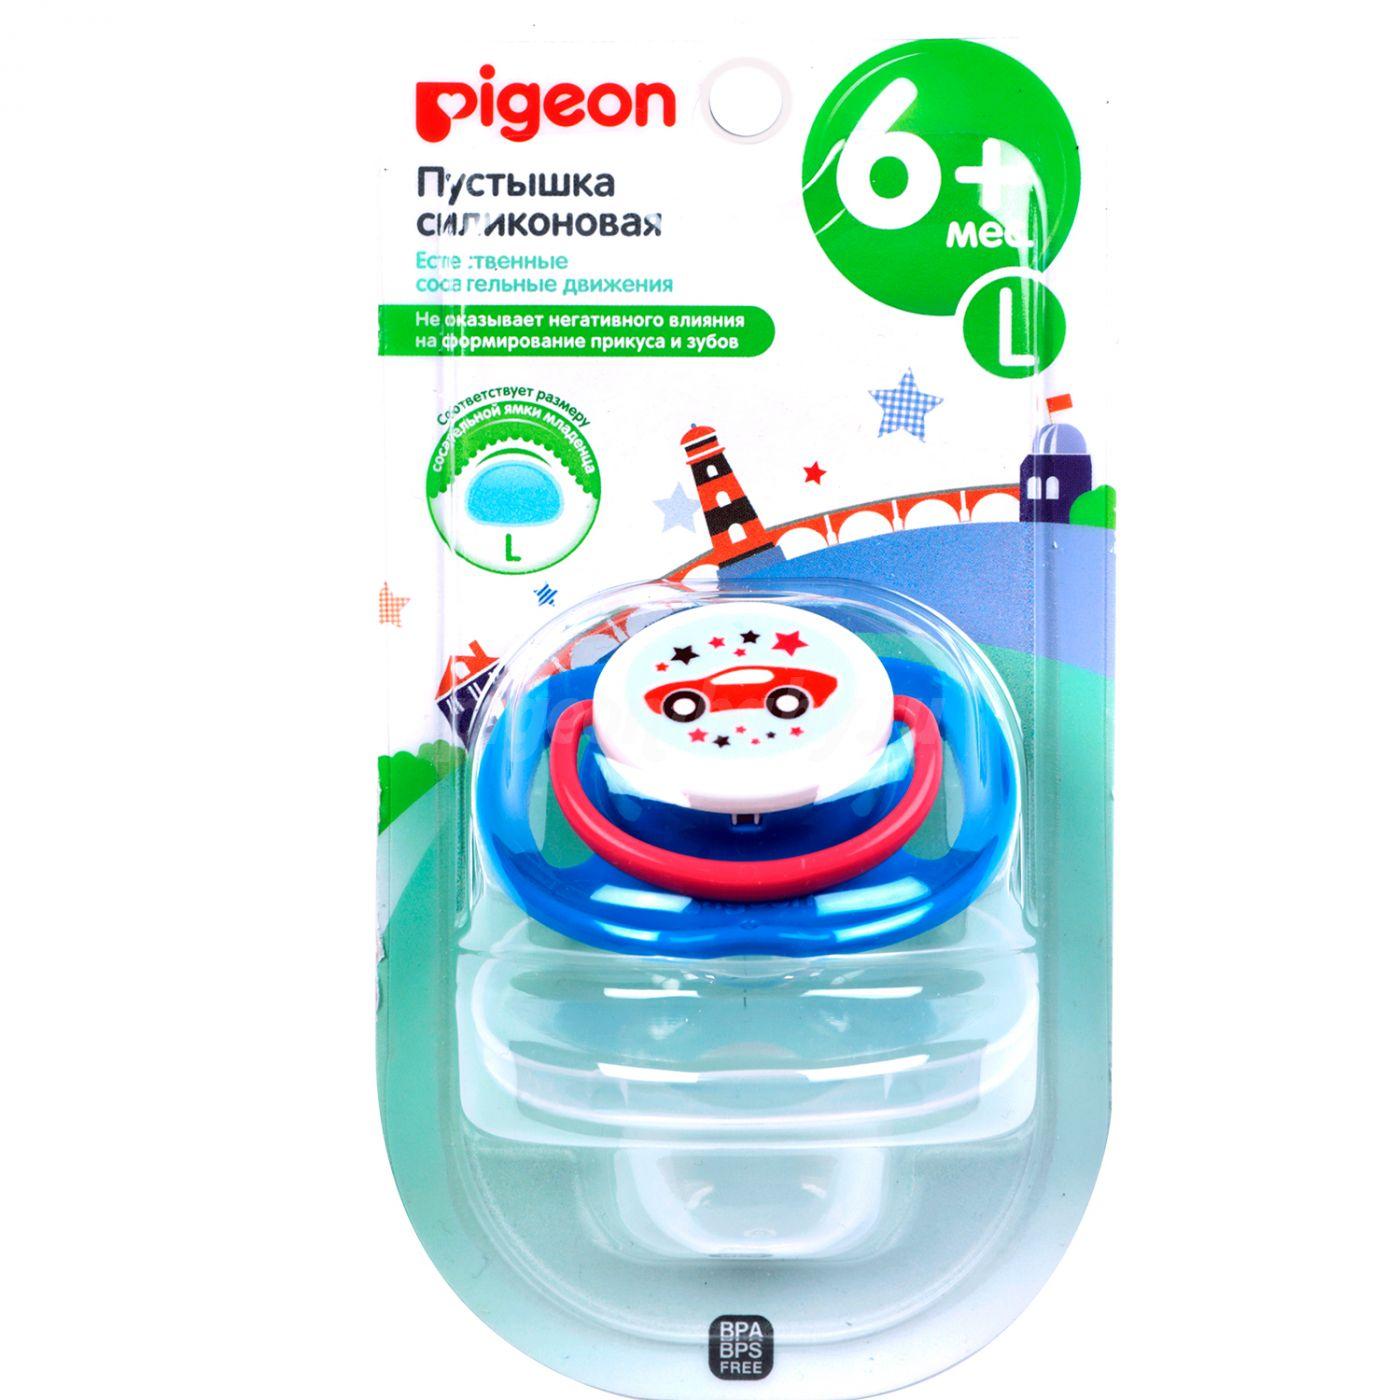 Pigeon Пустышка Car 6 мес (размер L)